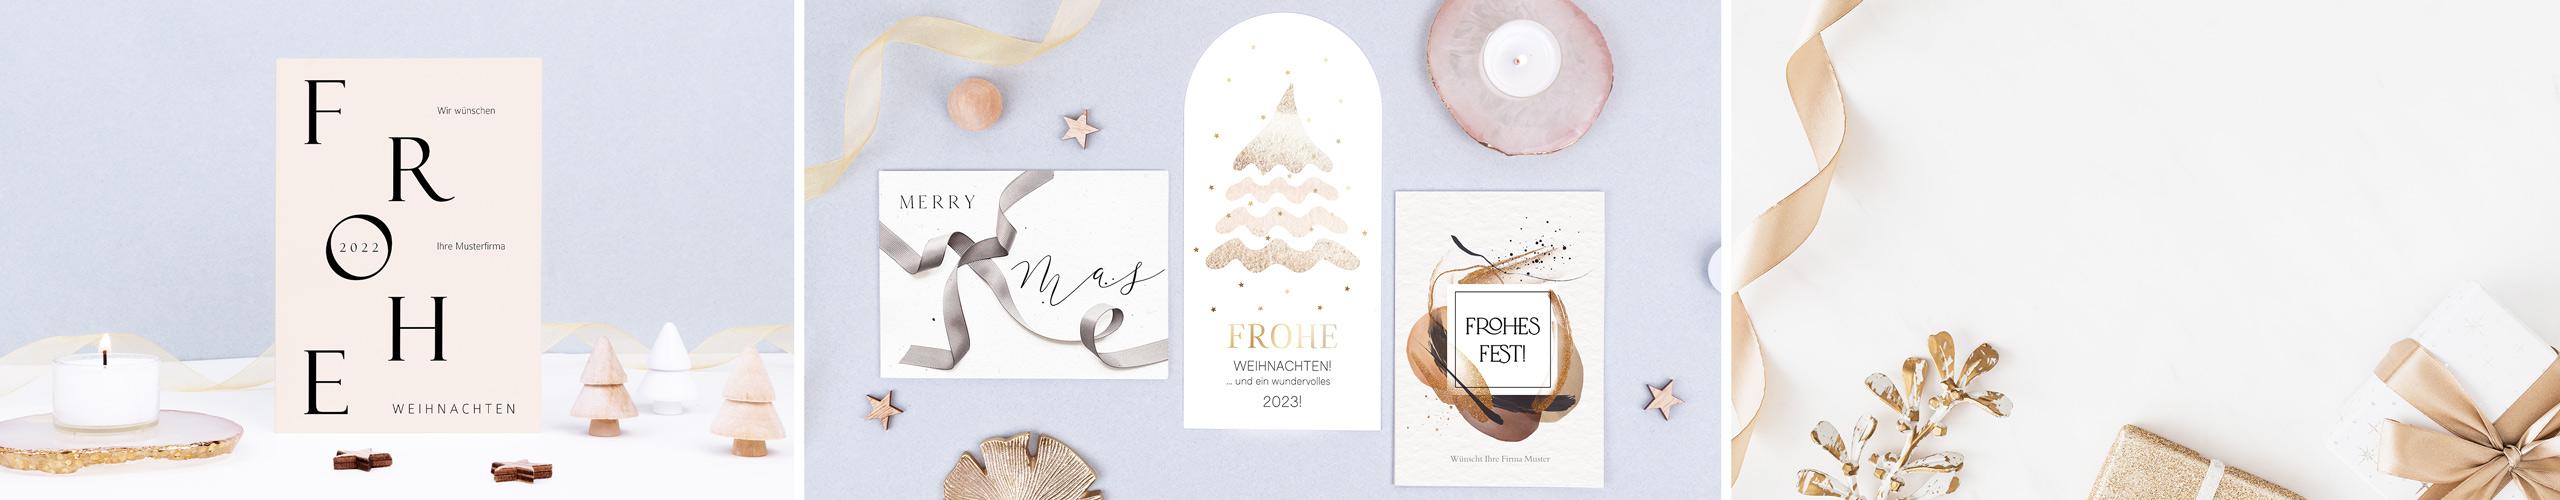 Weihnachtsgrüße Firma.Geschäftliche Weihnachtskarten Und Weihnachtsgrüße Für Firmen